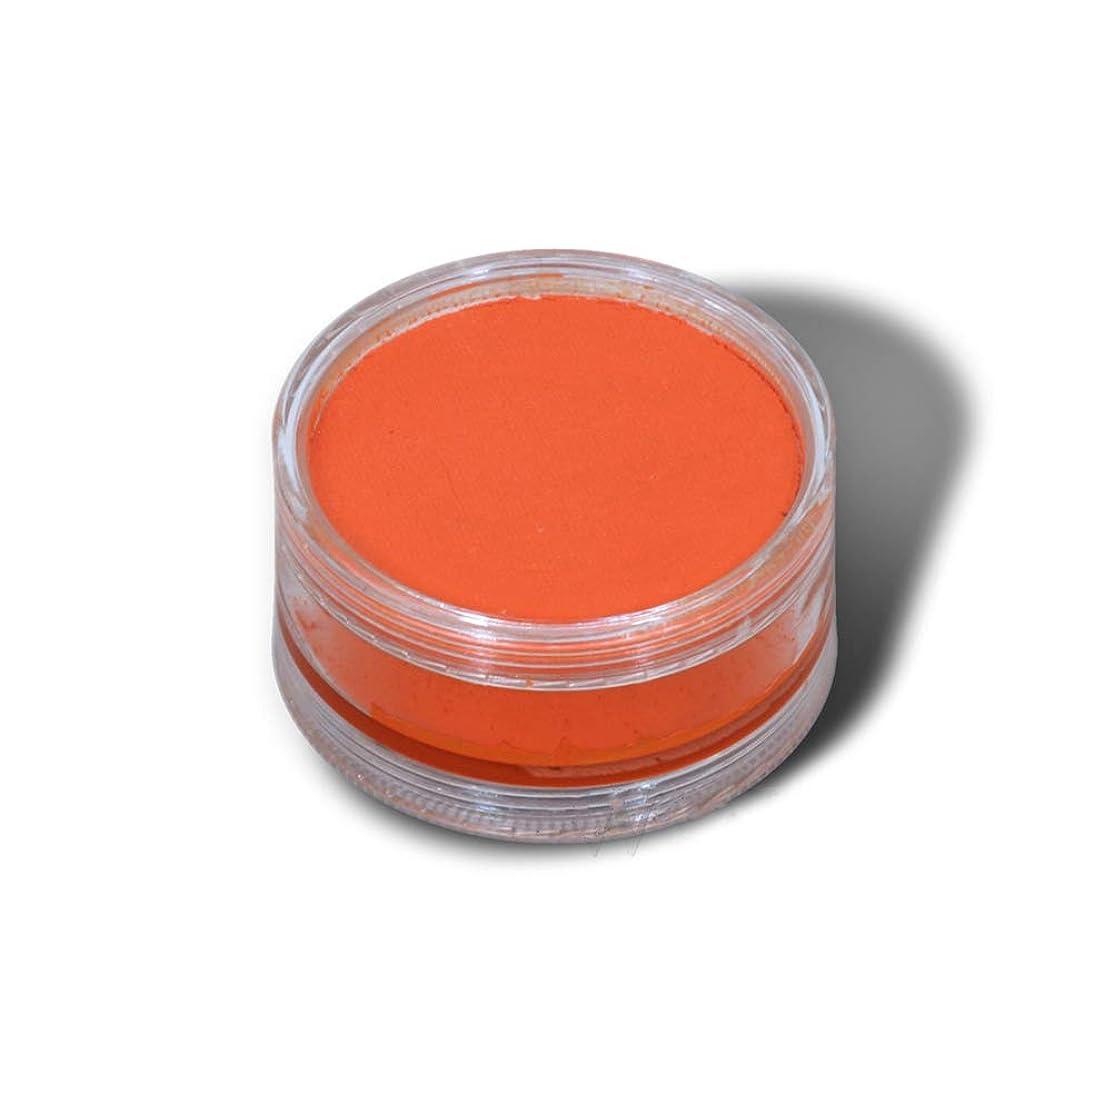 Wolfe FX Face Paints - Orange 040 (90 gm)